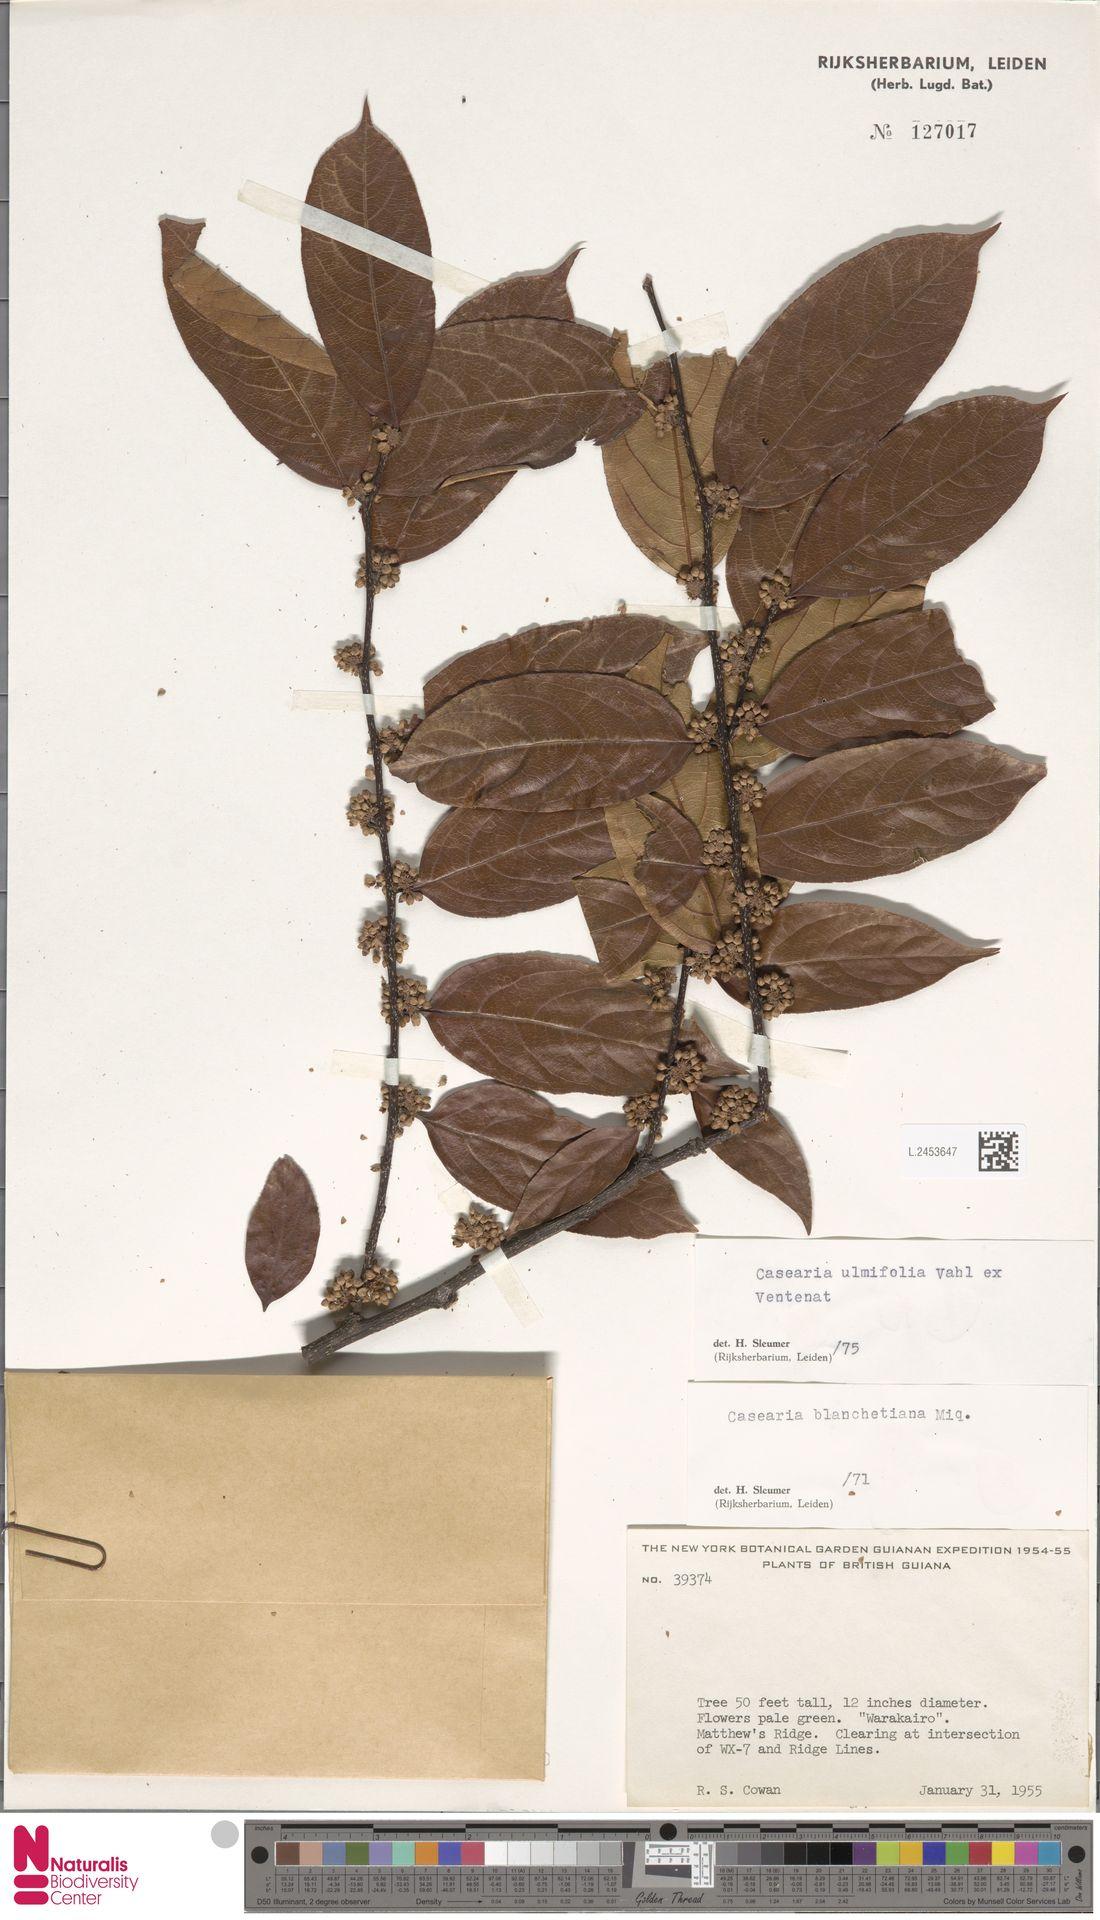 L.2453647 | Casearia ulmifolia Vahl ex Vent.